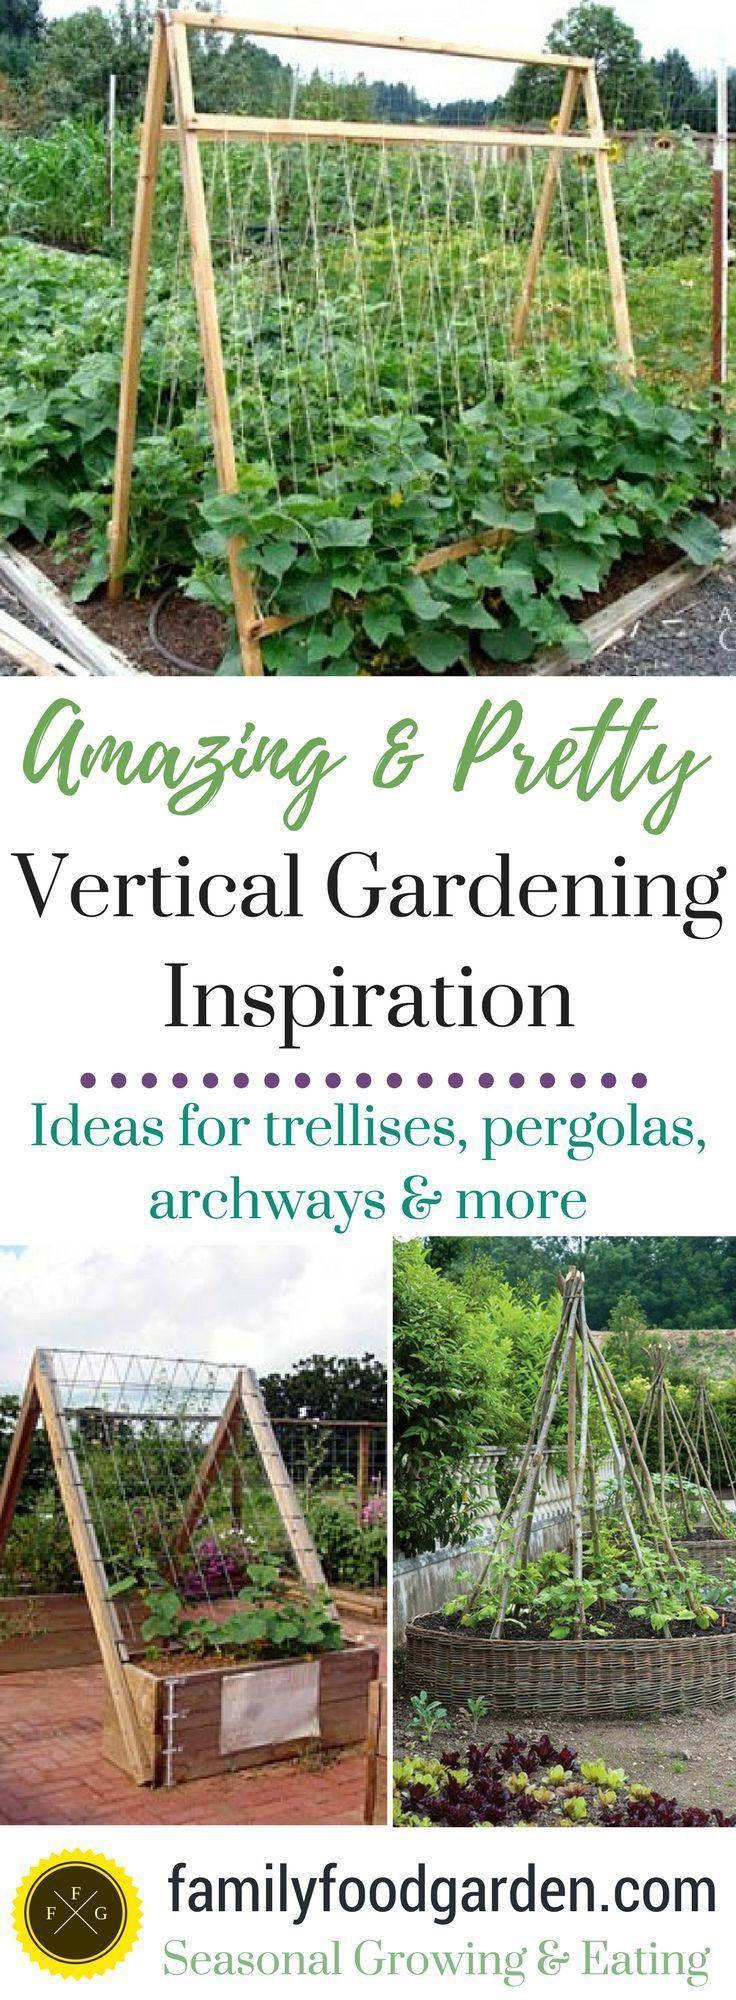 11 best Cold frame images on Pinterest | Vegetables garden ...